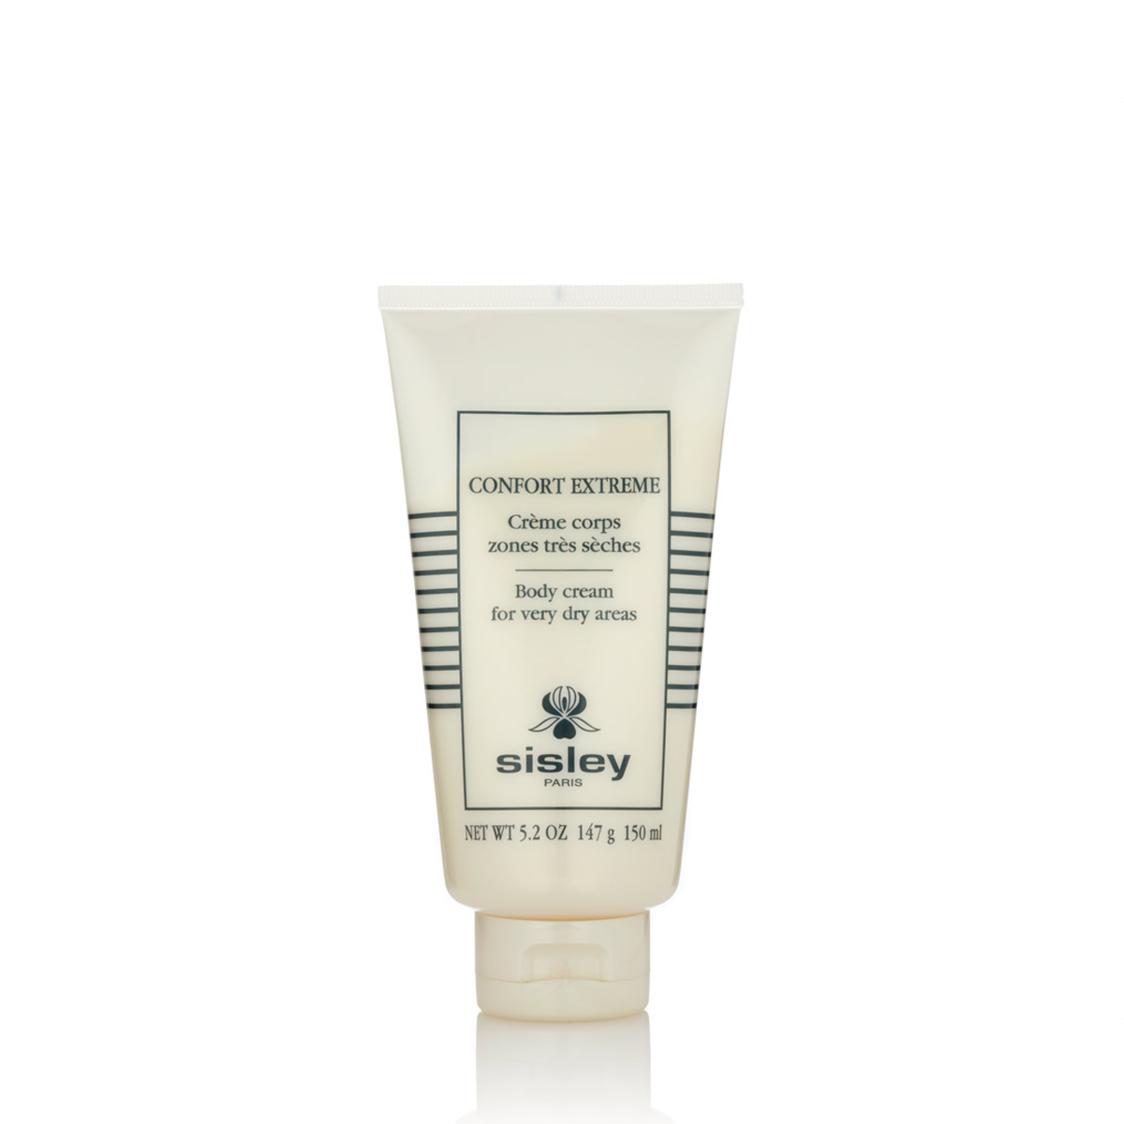 Sisley Confort Extrme Body Cream